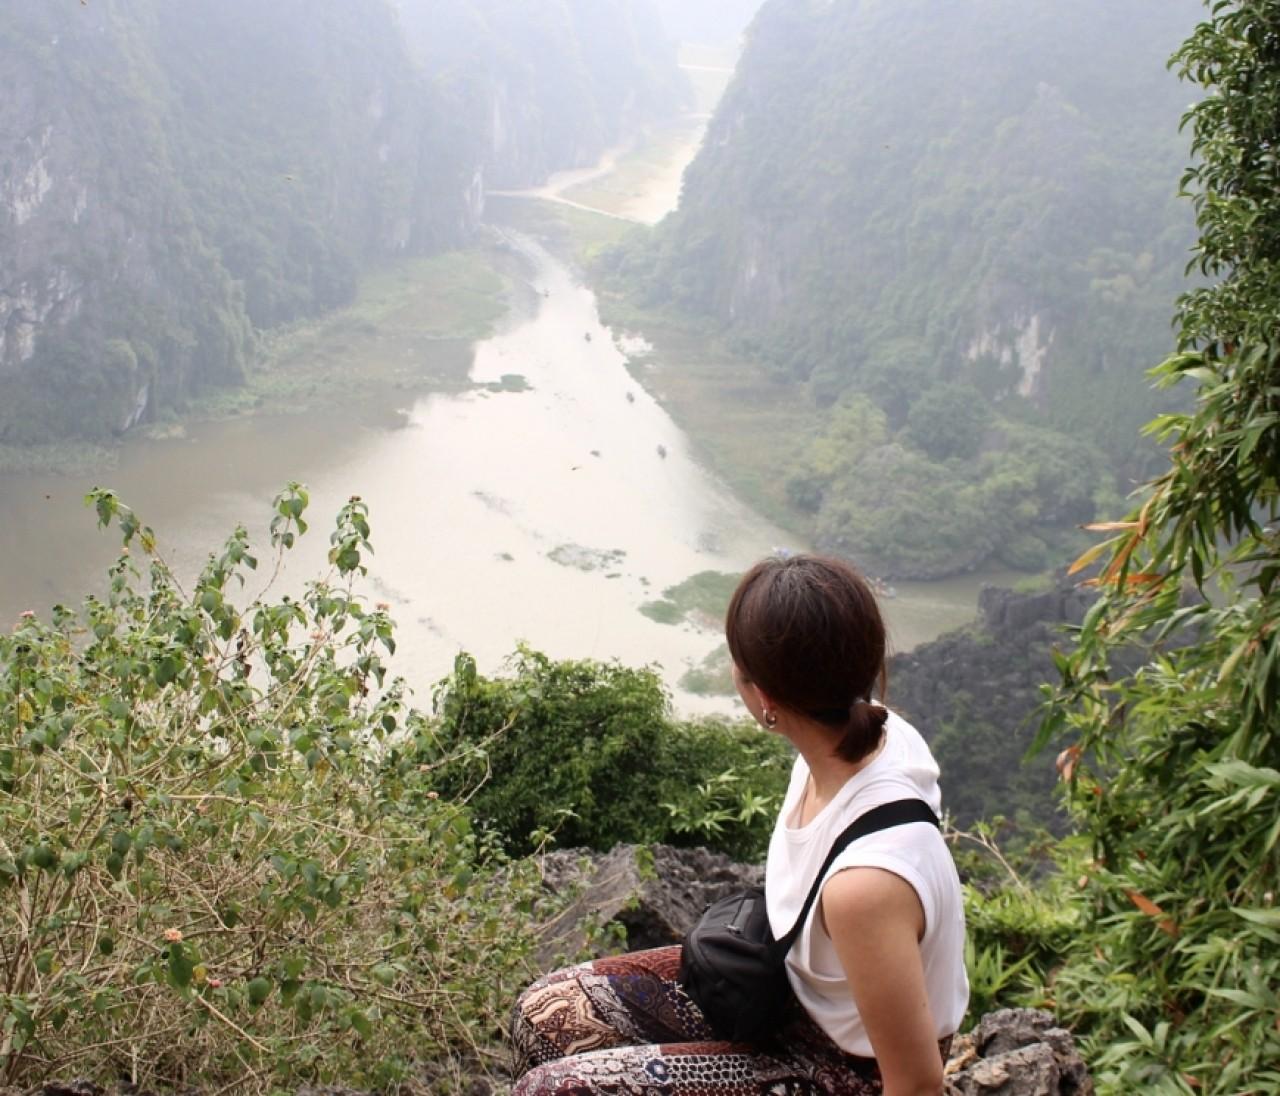 色彩豊かなベトナム旅②【絵画のようなニンビンの絶景】